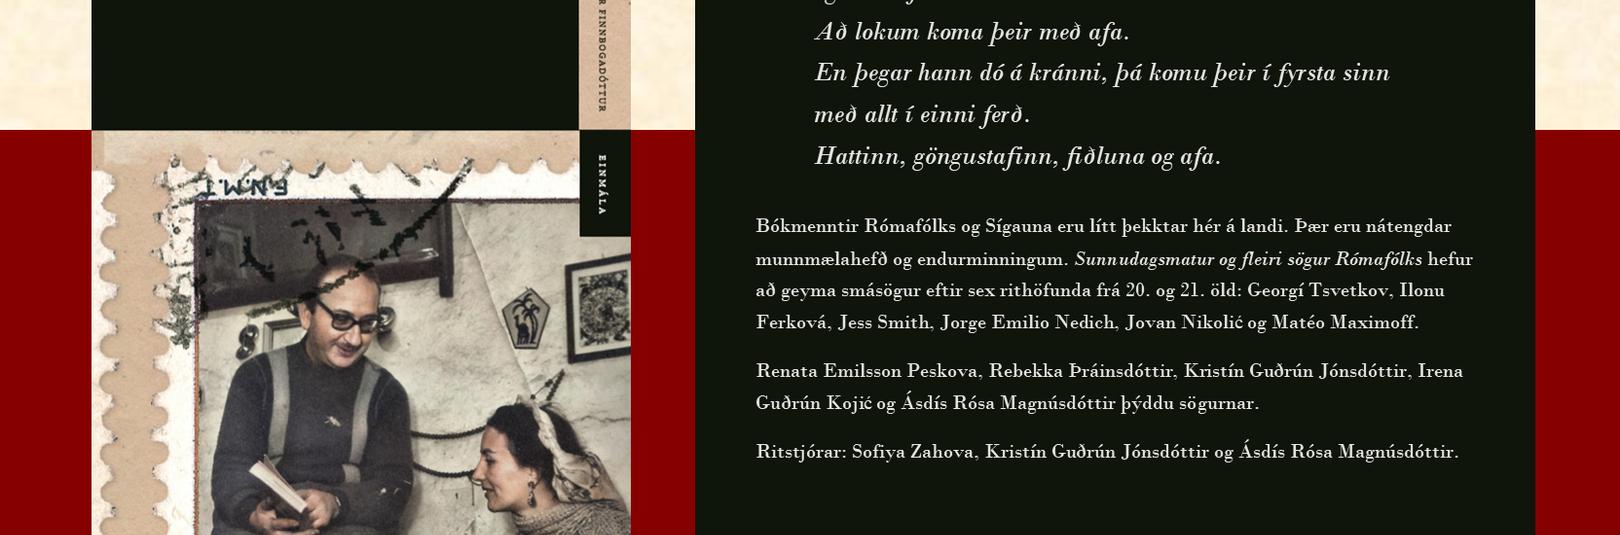 Alþjóðadegi rómískunnar fagnað með útgáfu smásagnasafns - á vefsíðu Háskóla Íslands